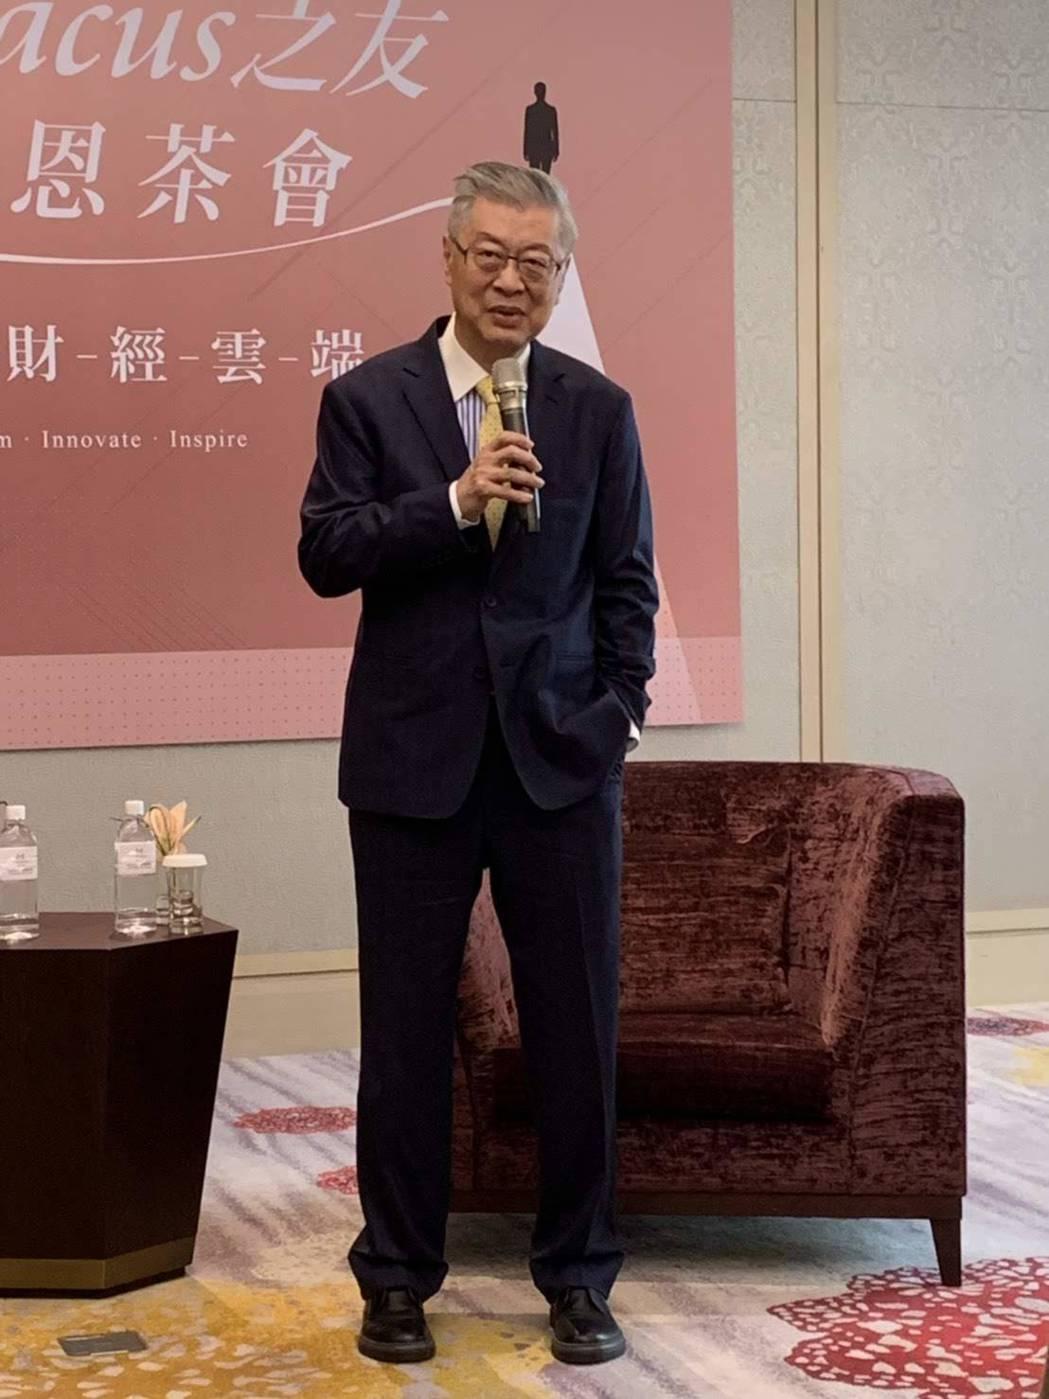 陳冲表示,台灣經常發生地震、風災、水災,加上近年來出現病毒及複合型災害等天然災害...